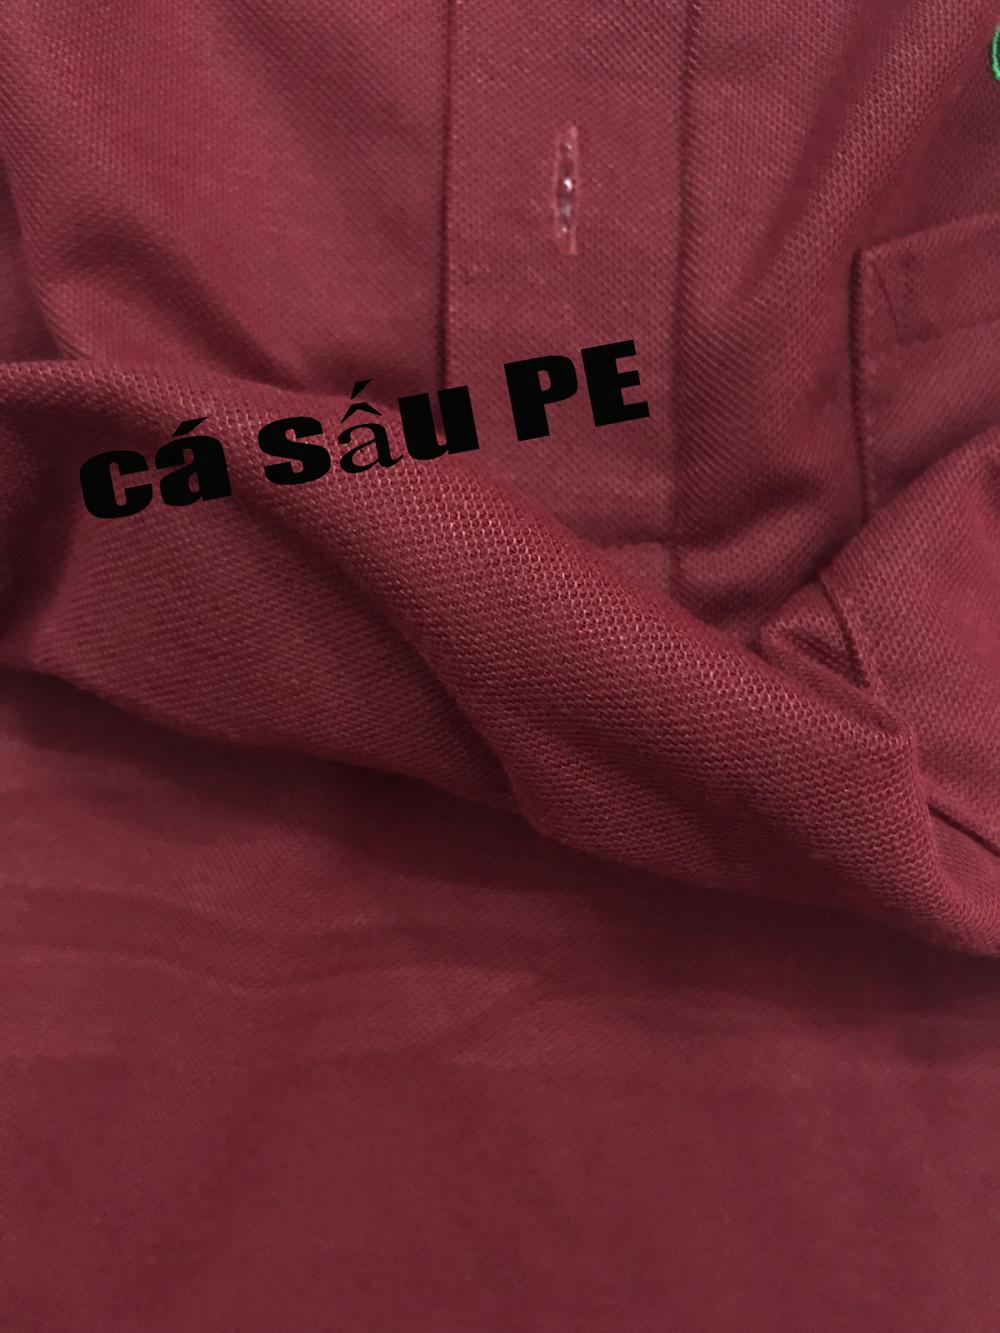 Tìm hiểu về chất liệu may áo thun?